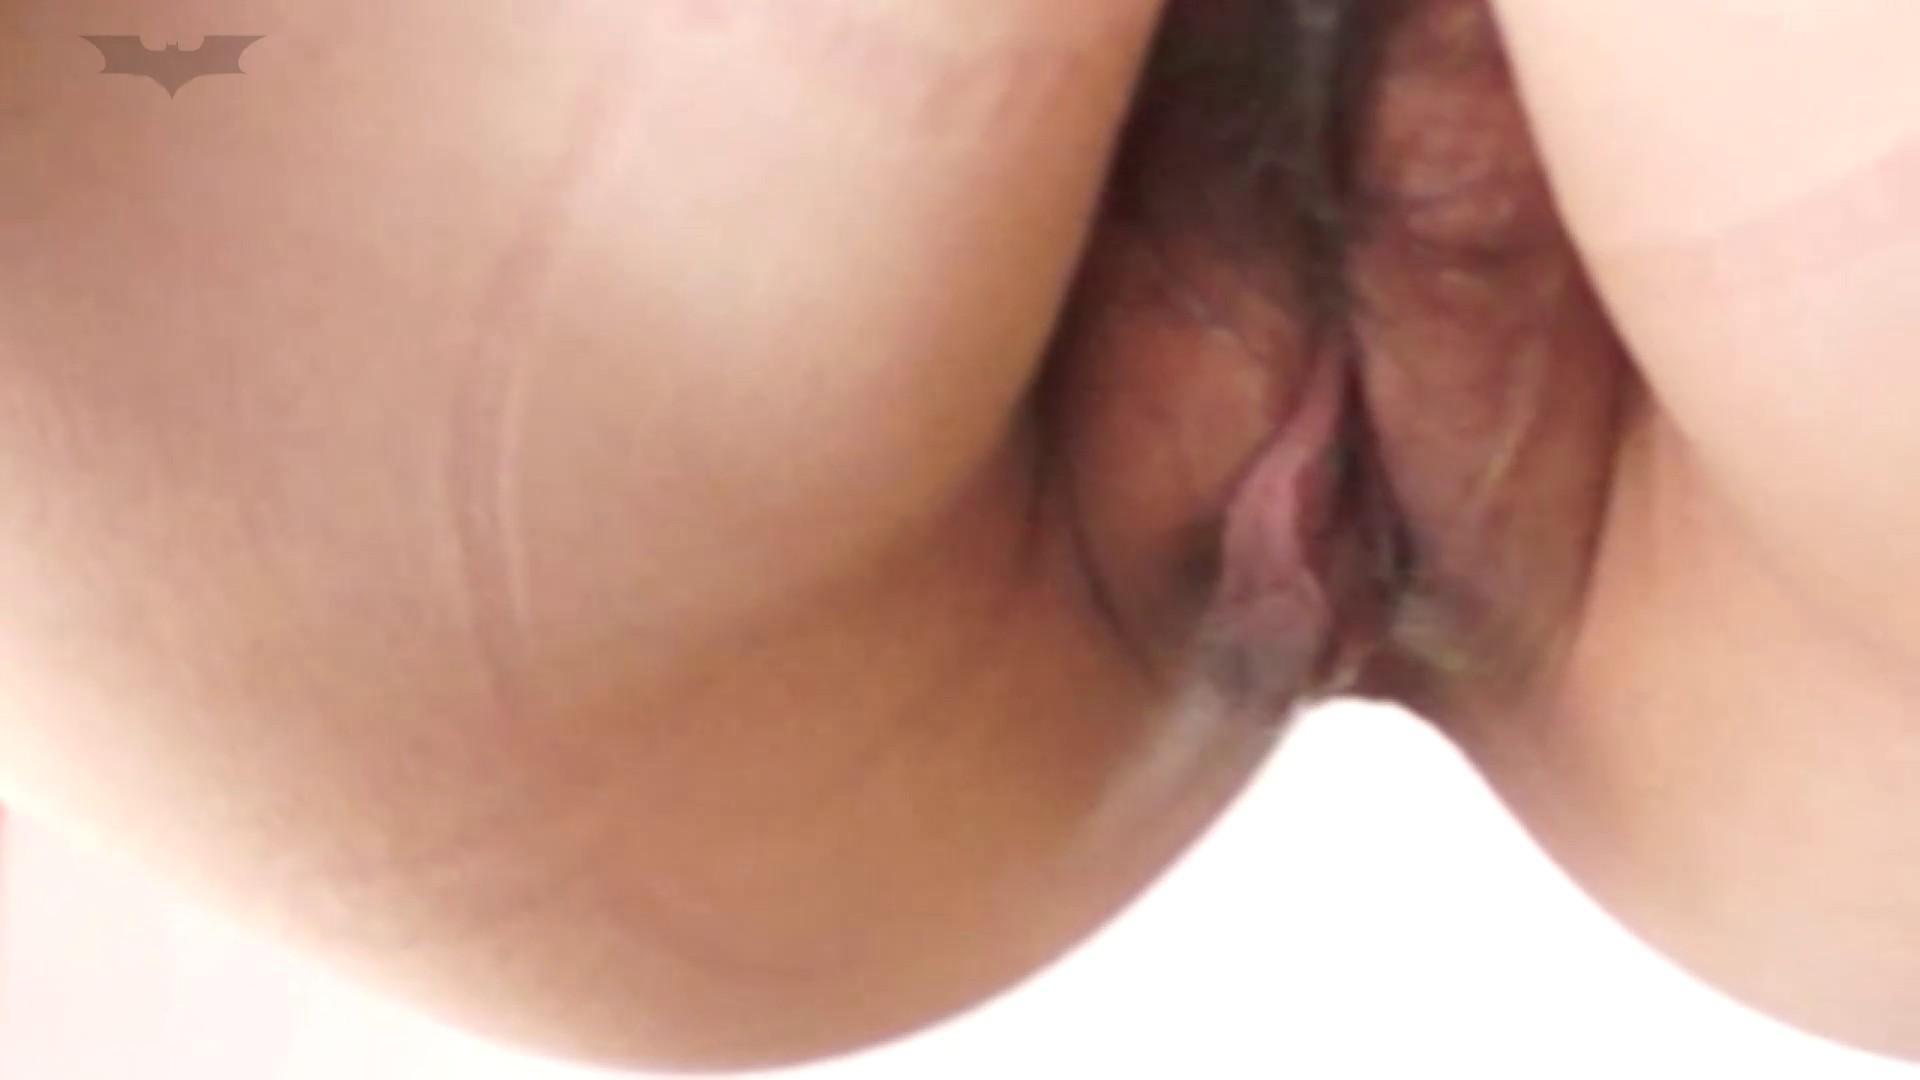 JD盗撮 美女の洗面所の秘密 Vol.20 美女 おまんこ動画流出 94連発 28